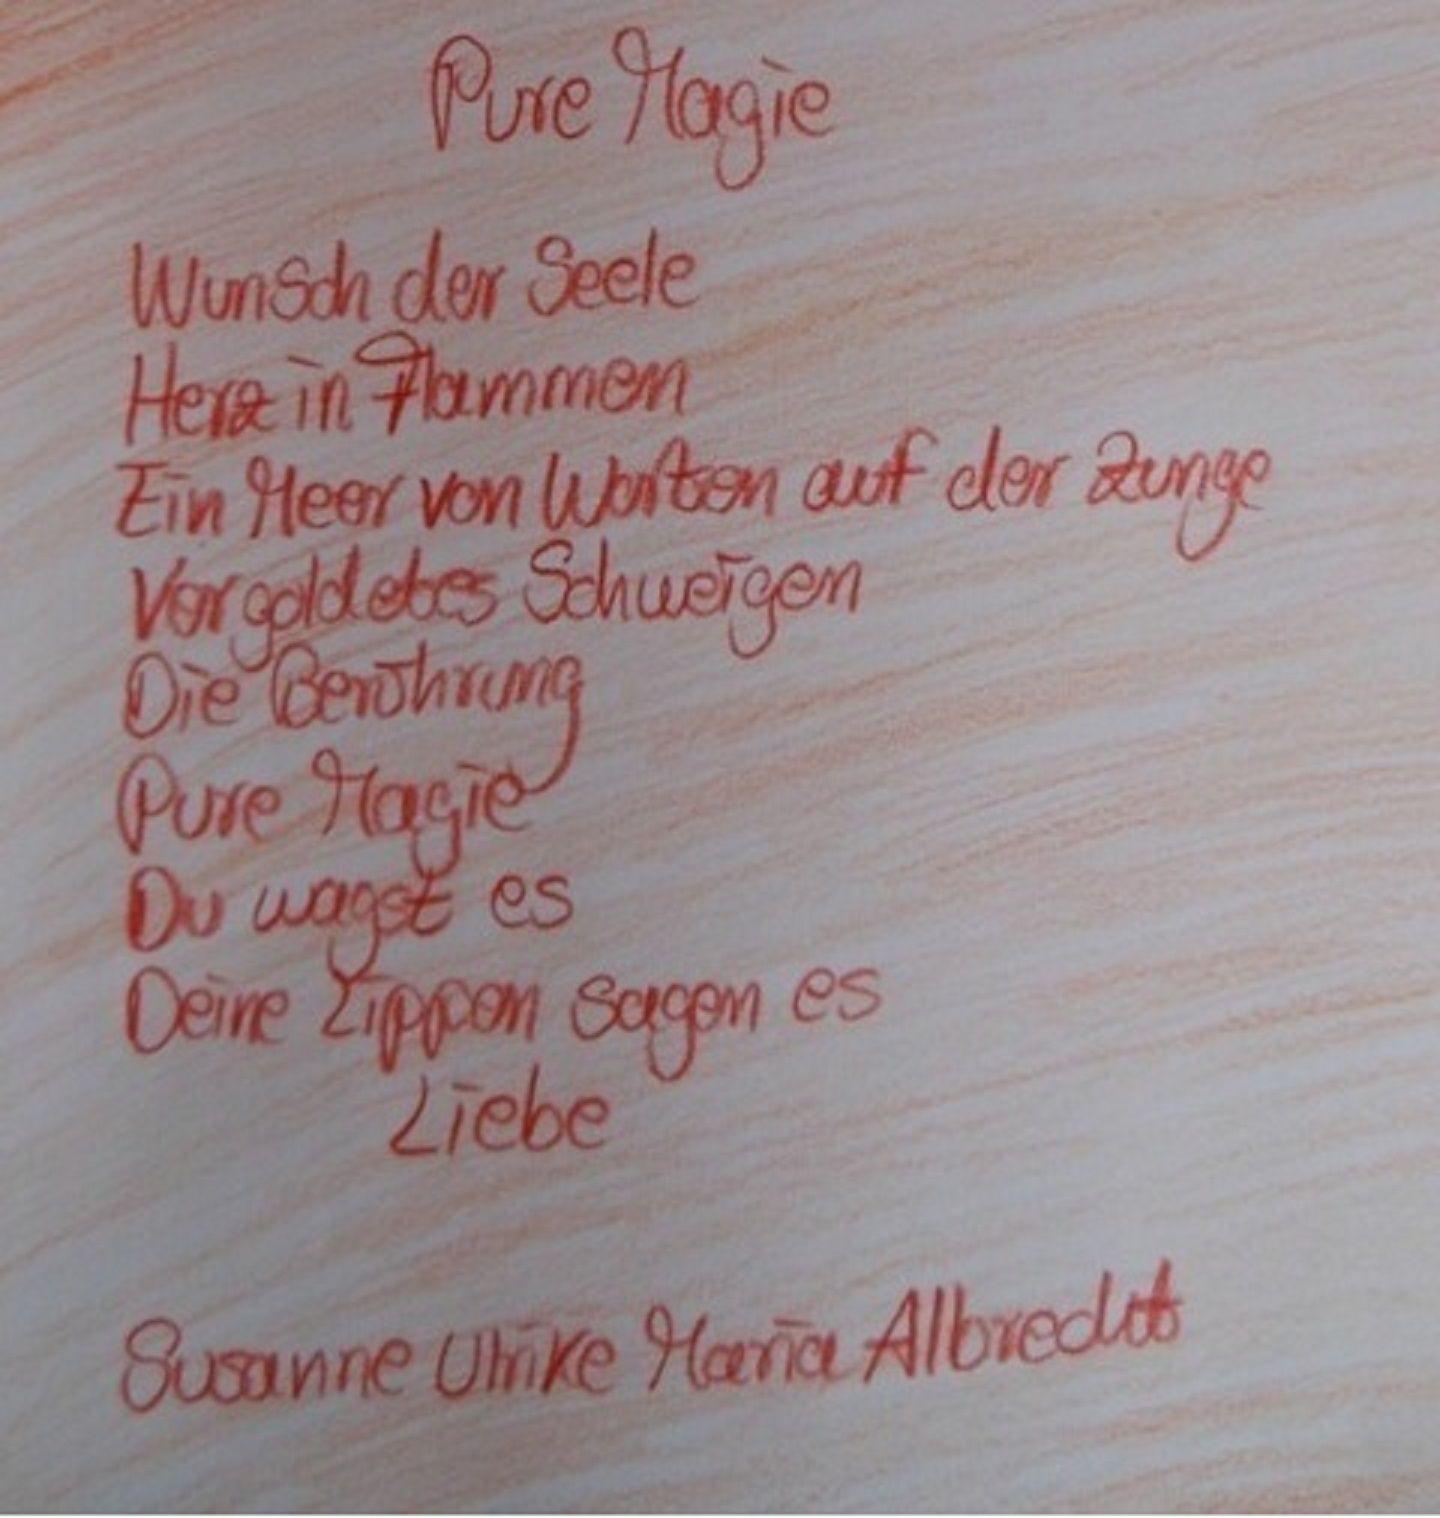 Wunder gehen in Erfüllung von Susanne Ulrike Maria Albrecht